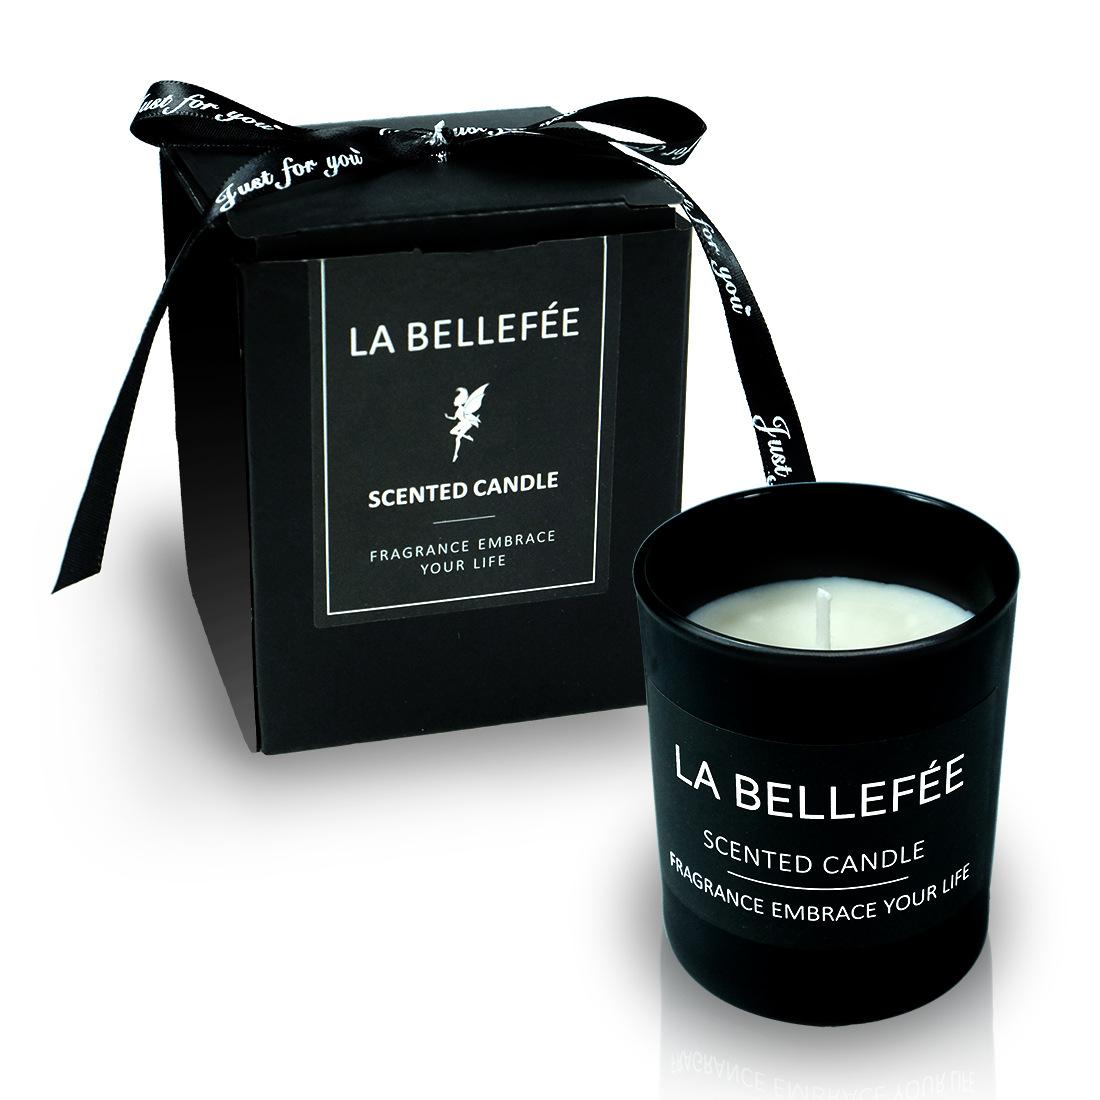 NLSX Nhôm Các nhà sản xuất tùy chỉnh cao cấp quà tặng quà tặng đen mờ thủy tinh tinh khiết nến thơm